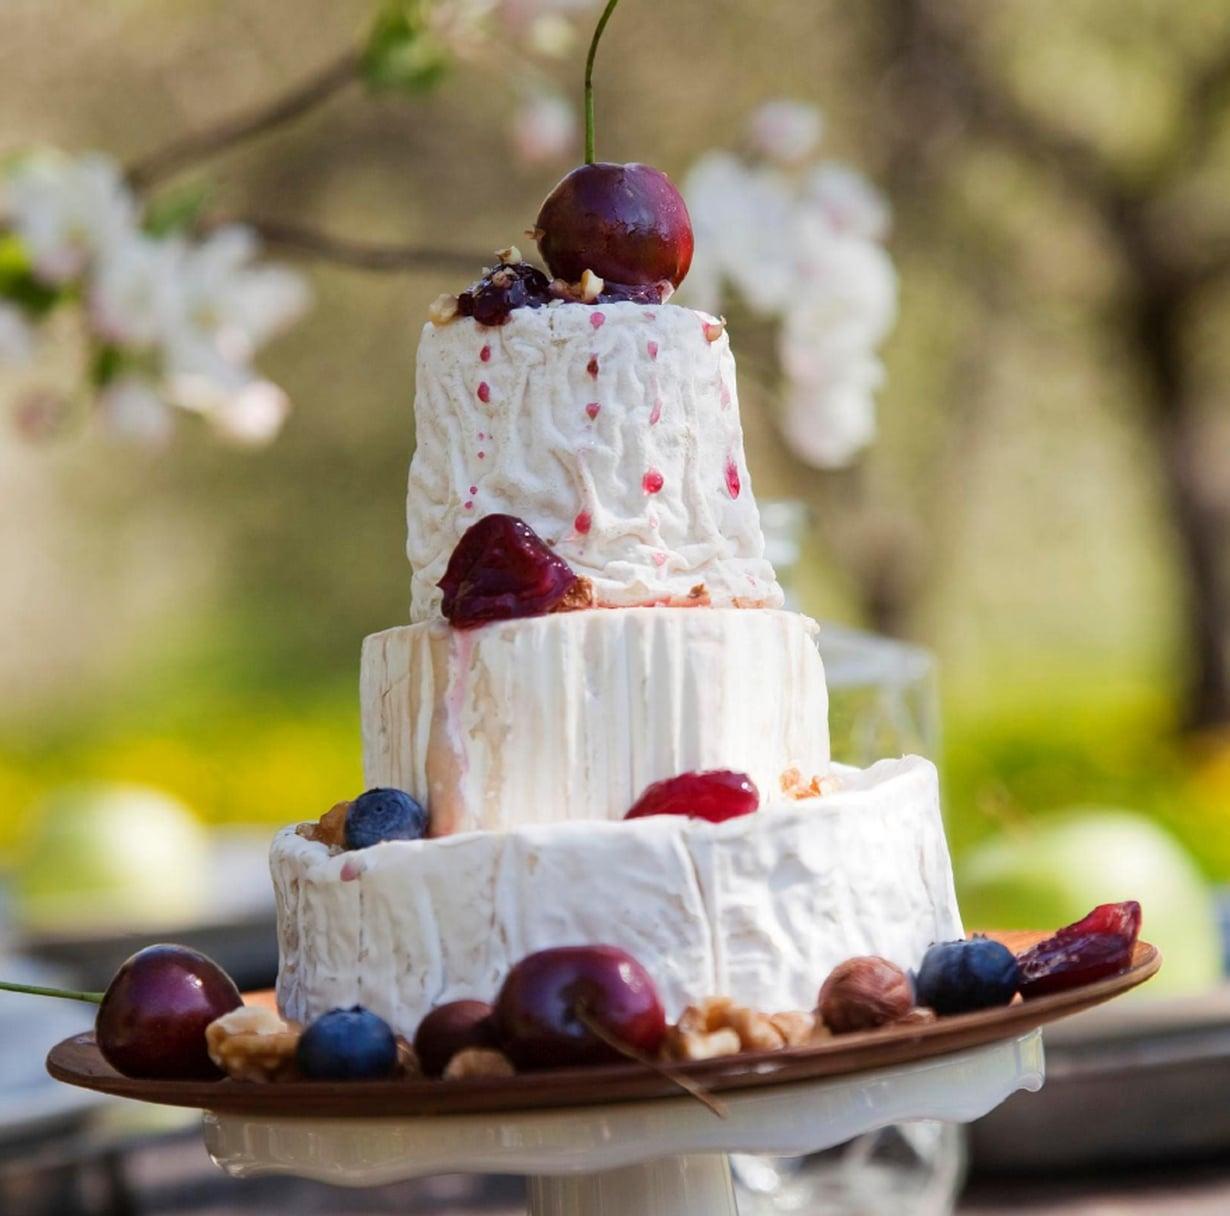 Tämä kakku ei hätkähdä odottelusta. Maku vain paranee, kun se saa haukkailla happea pöydässä.